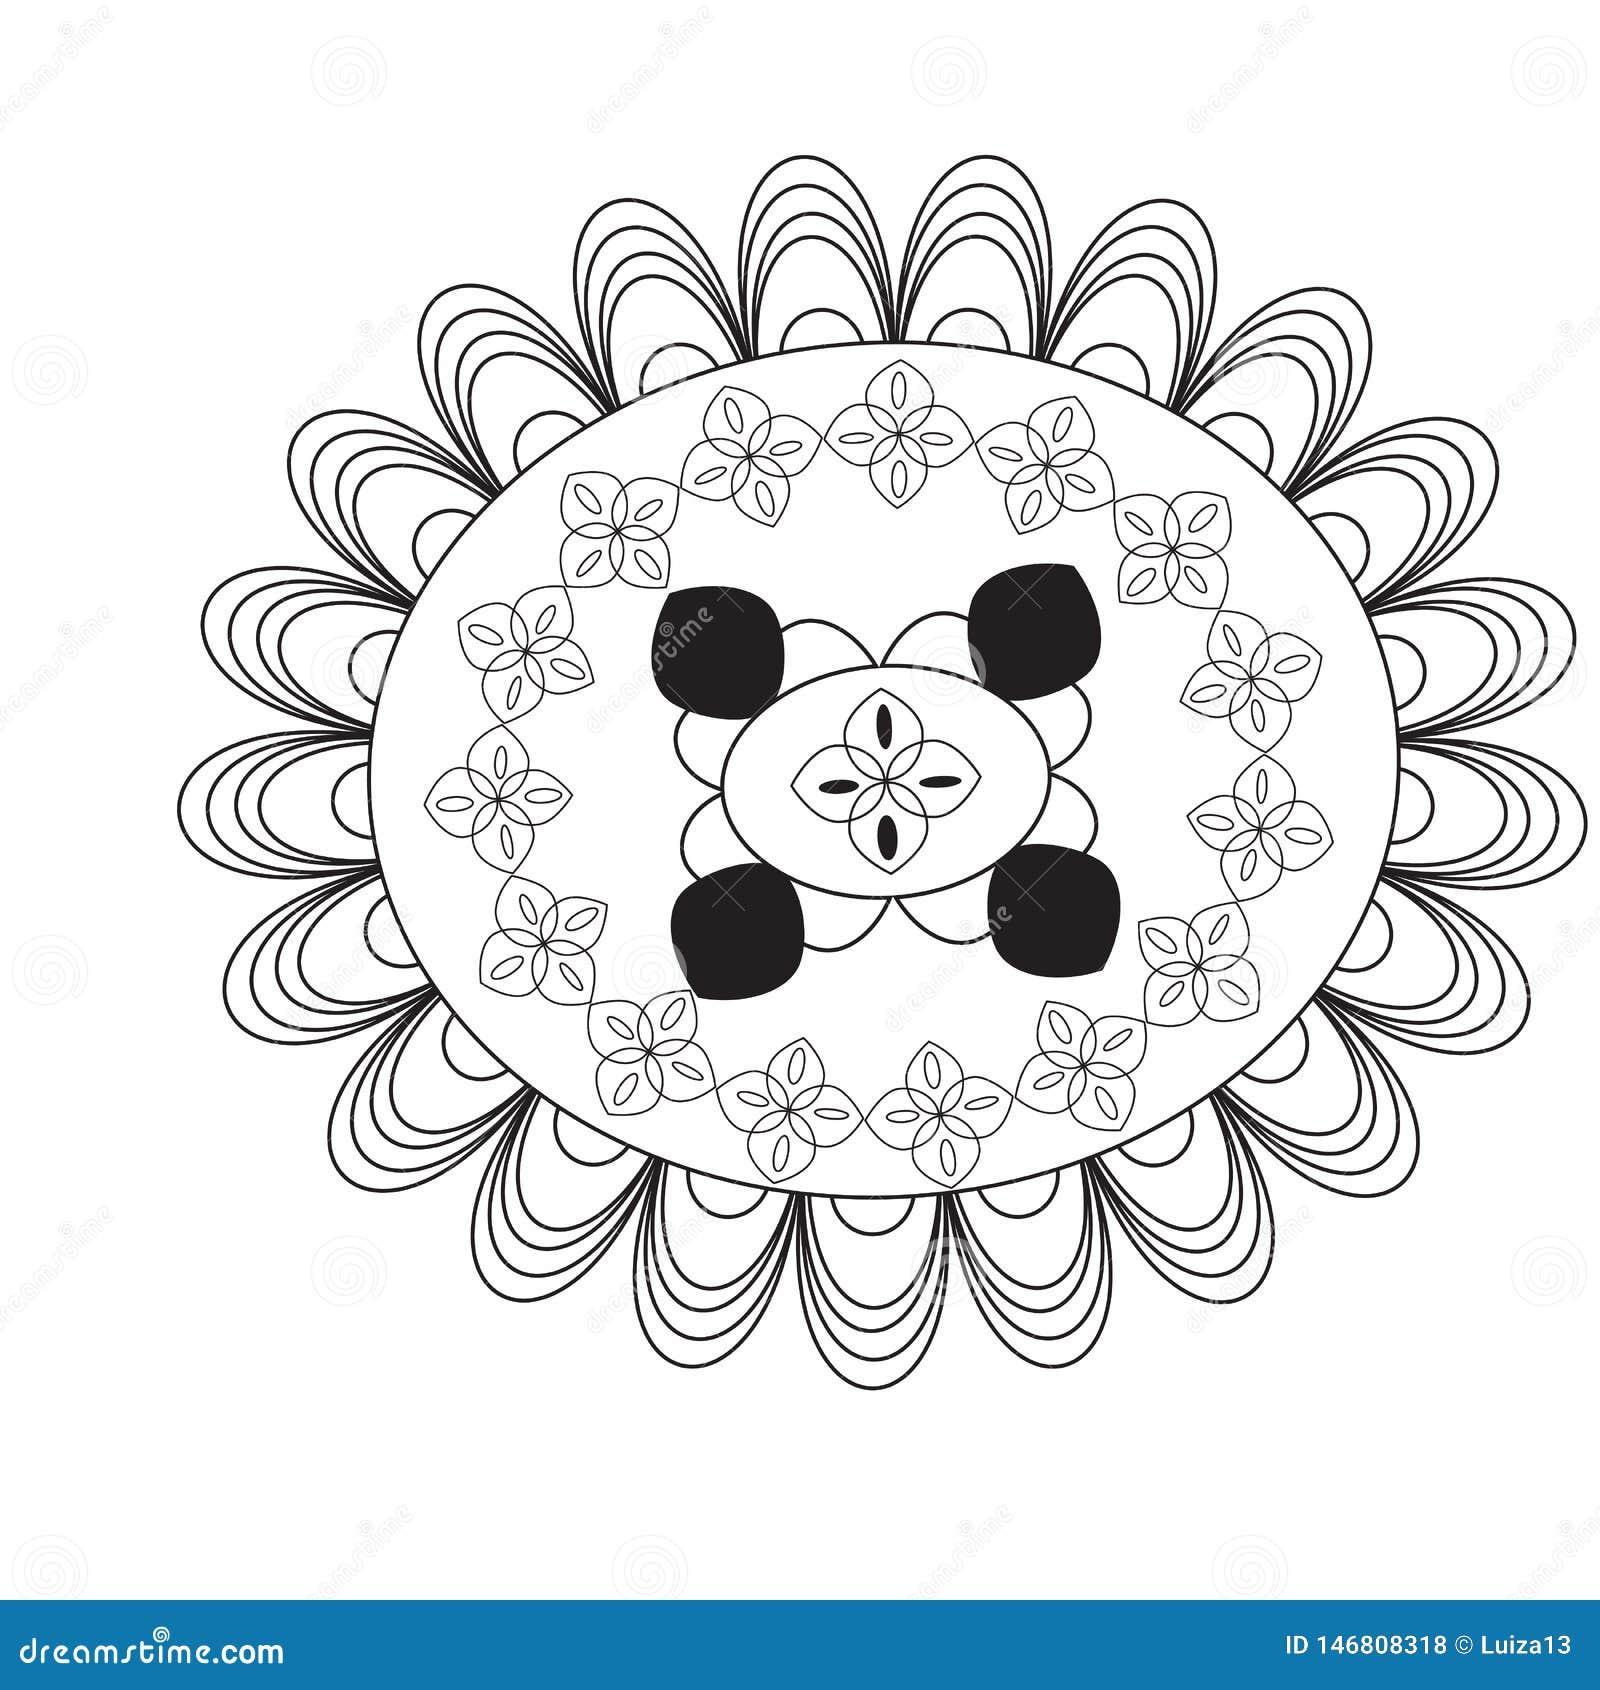 Bloem Mandala Uitstekende decoratieve elementen Oosters patroon, vectorillustratie Mandala kleurende pagina cirkel